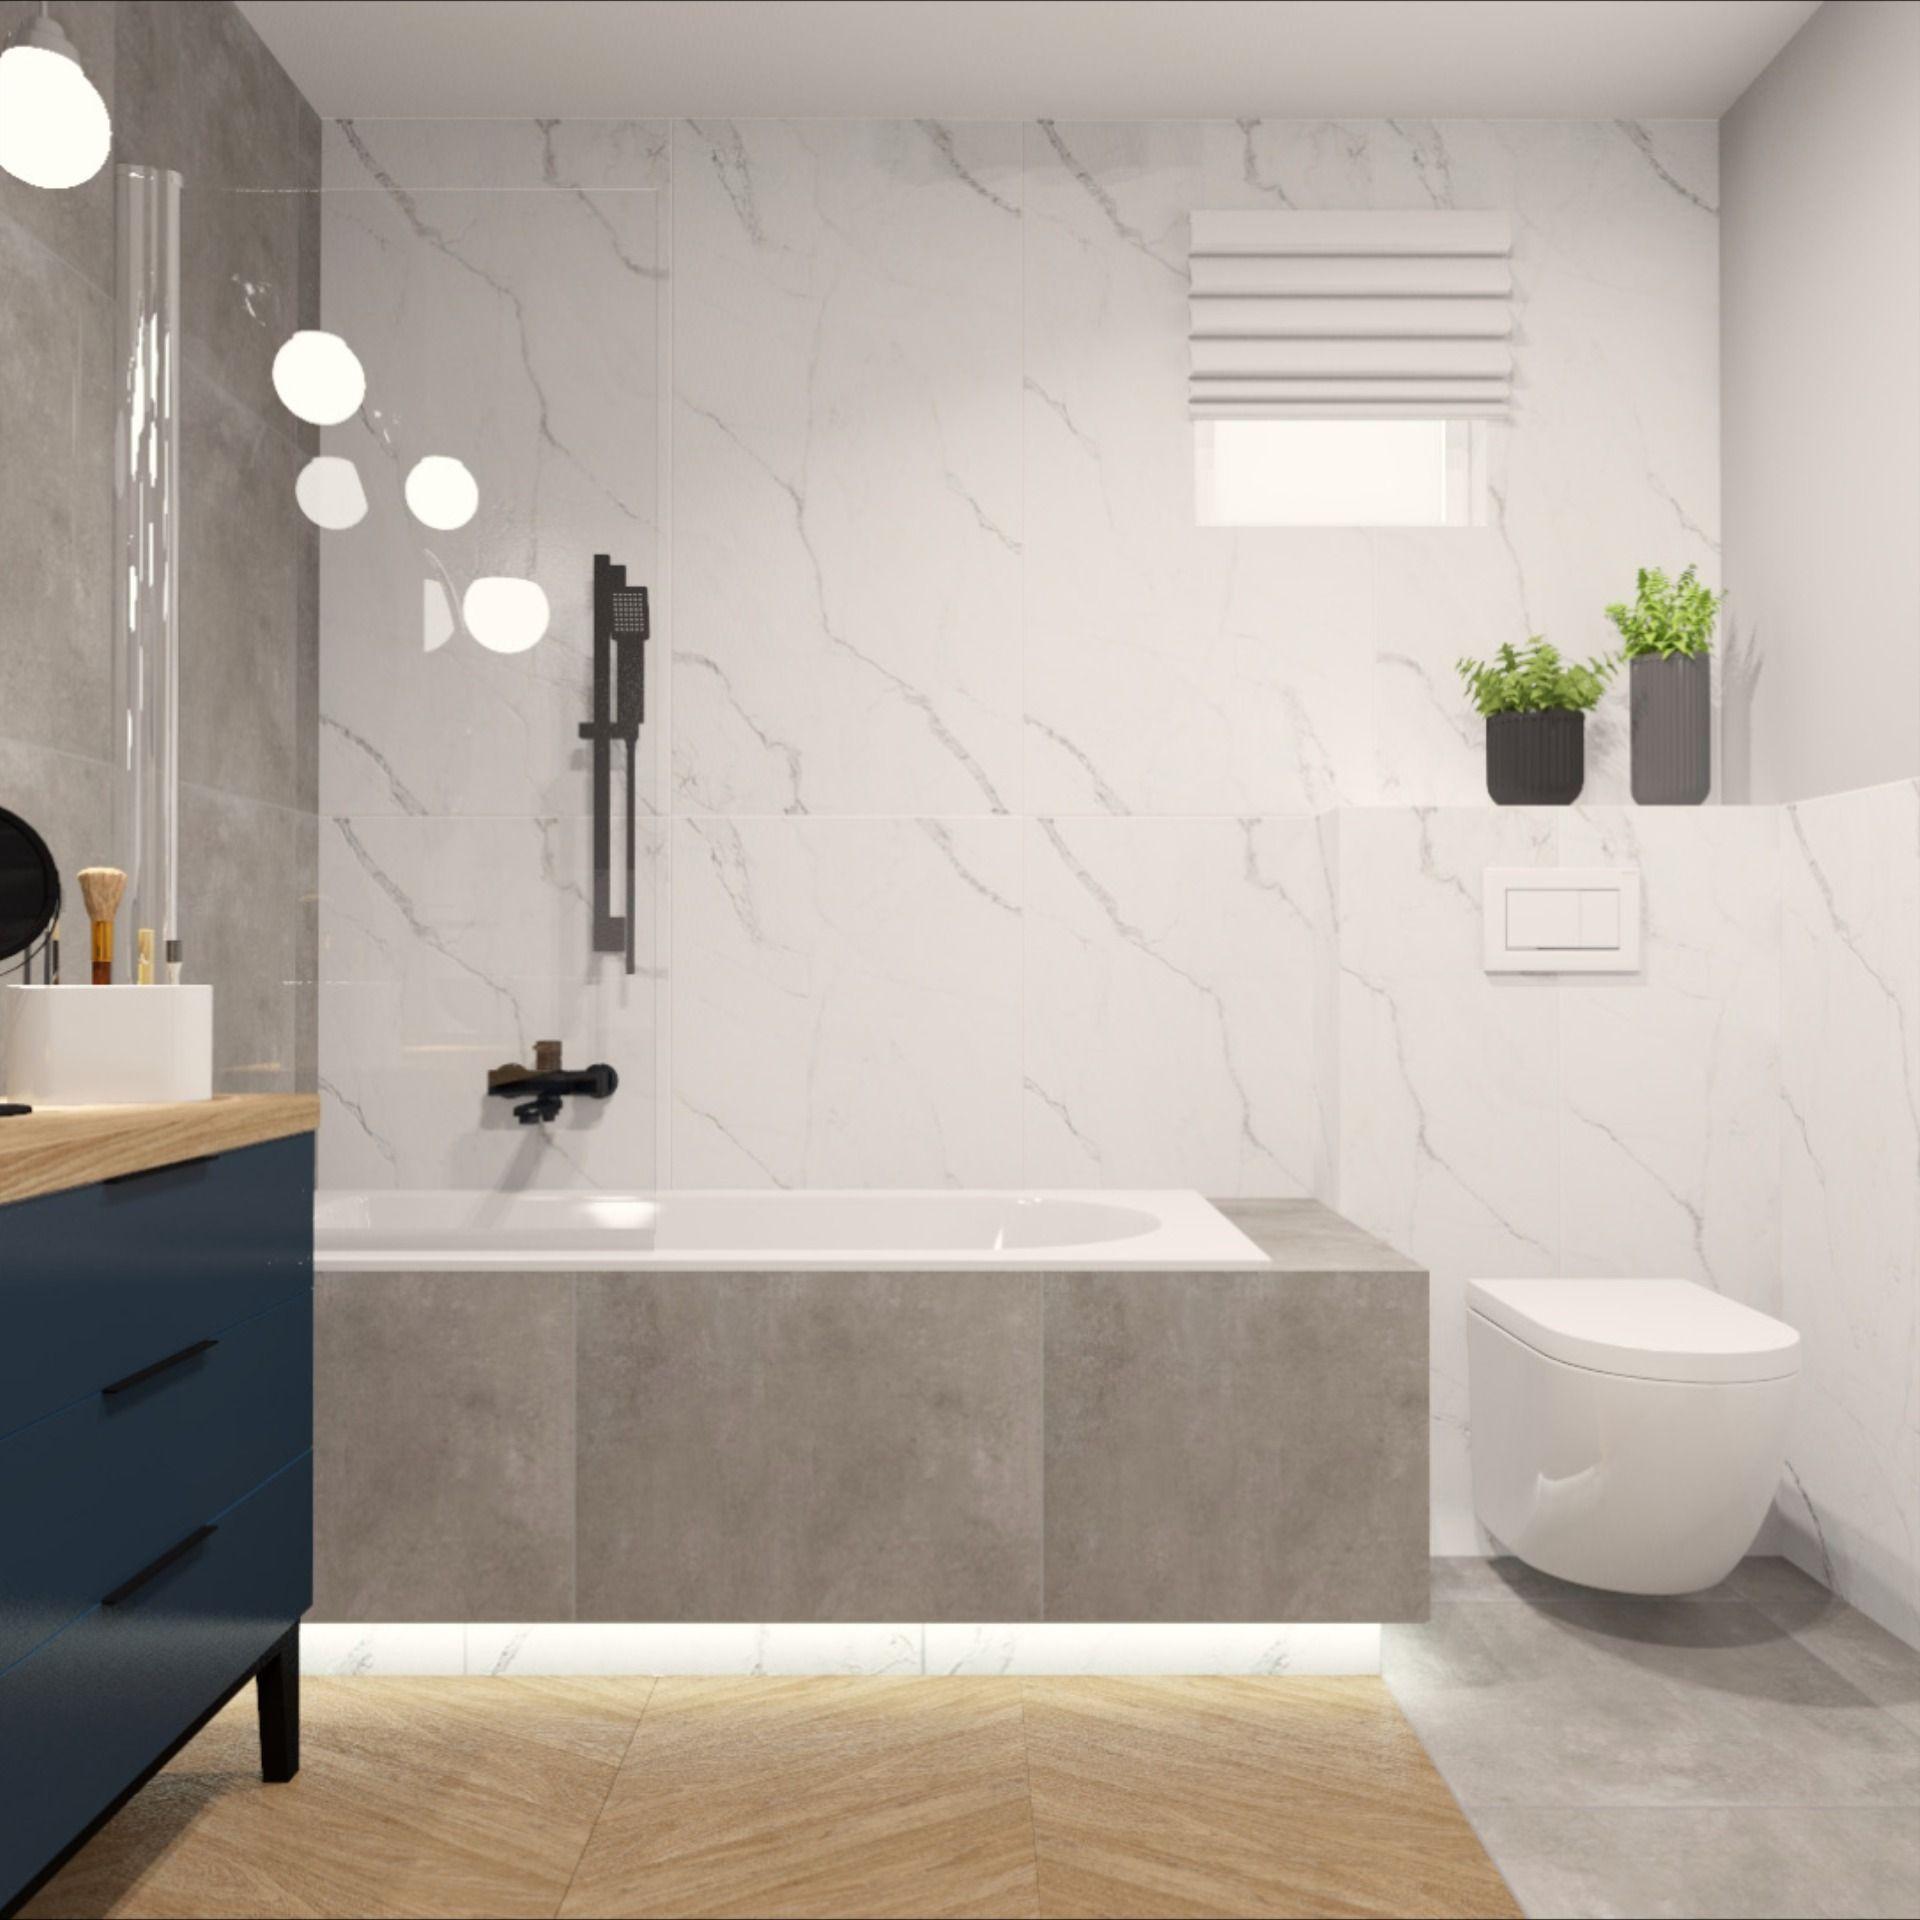 Lazienka Wersja Pierwsza Projekt Aranzacja Wnetrz Podswietlenie Led Bath Bathroom Interrior Kubik Bathroom Bathtub